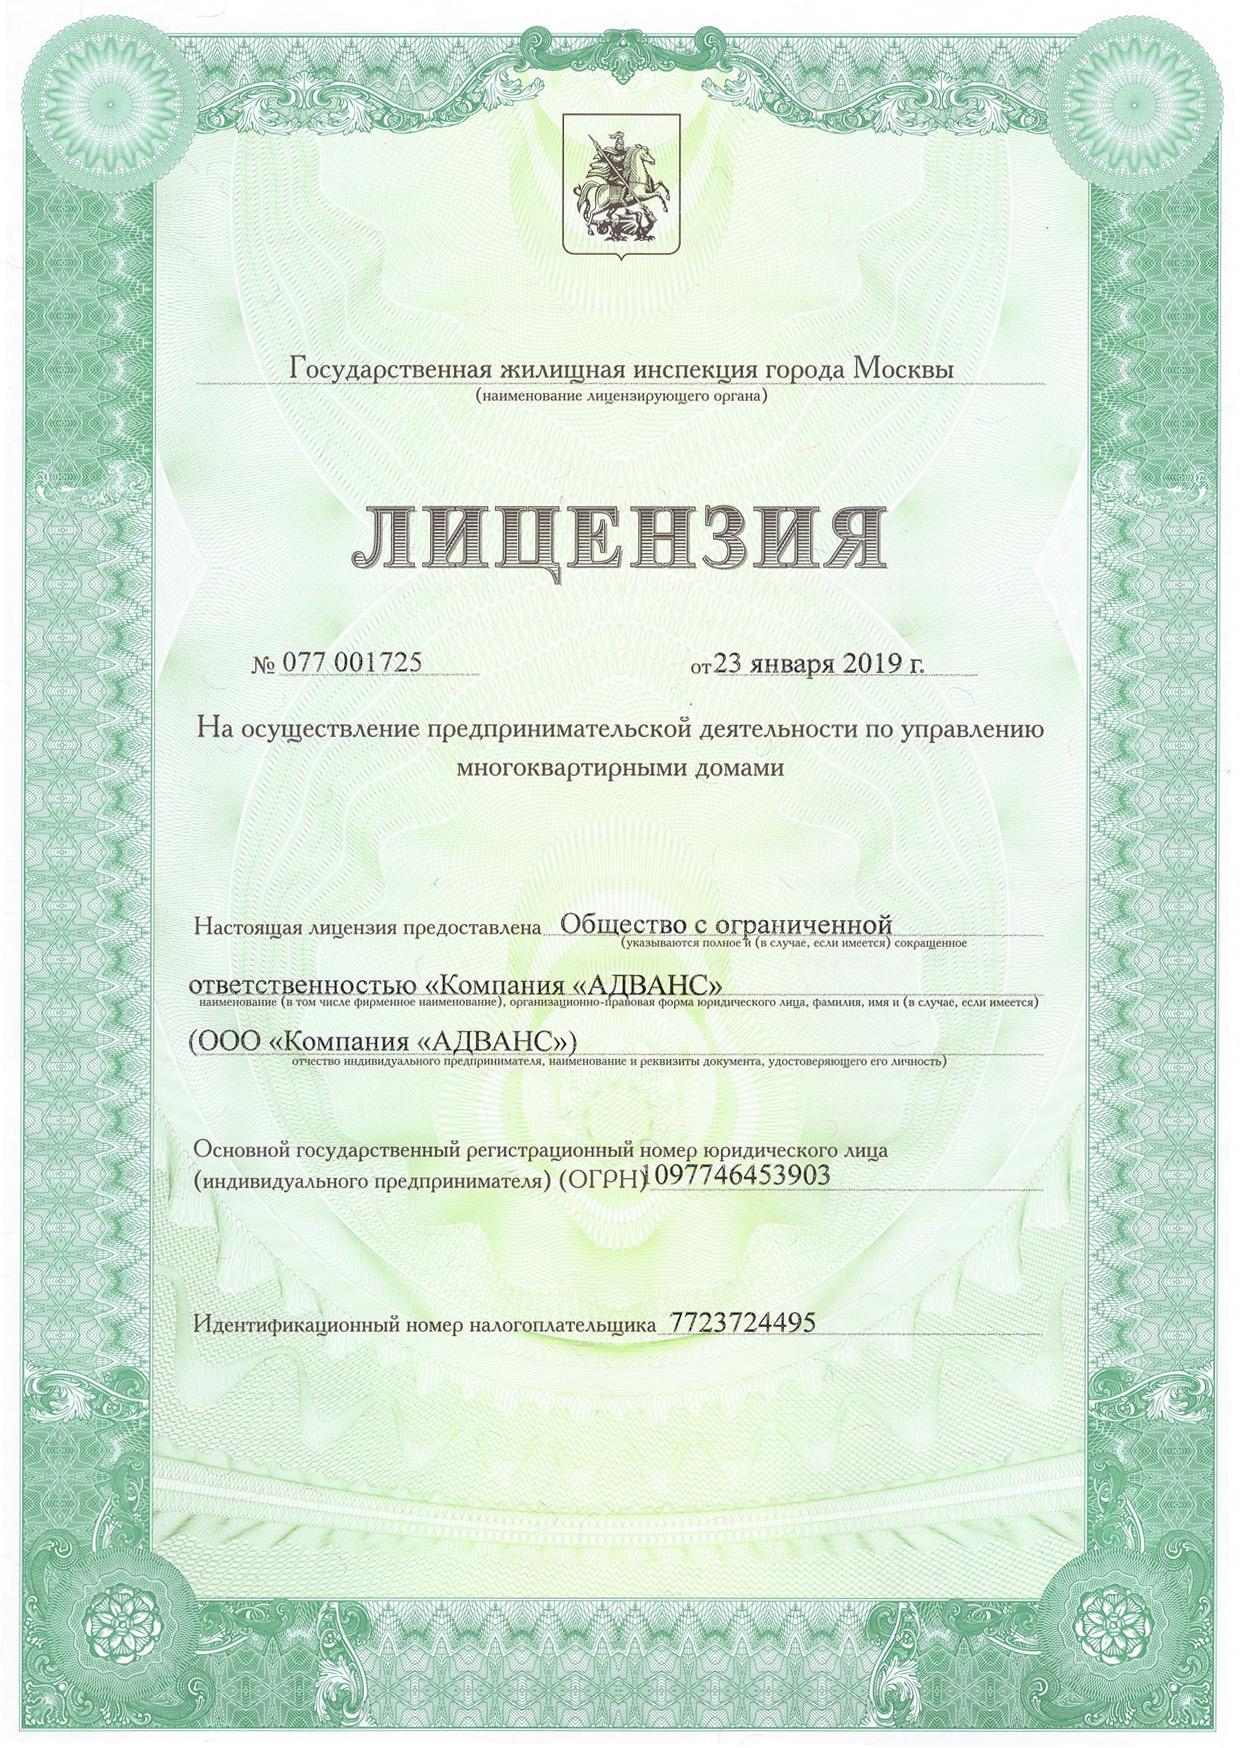 Лицензия на осуществление предпринимательской деятельности по управлению многоквартирными домами